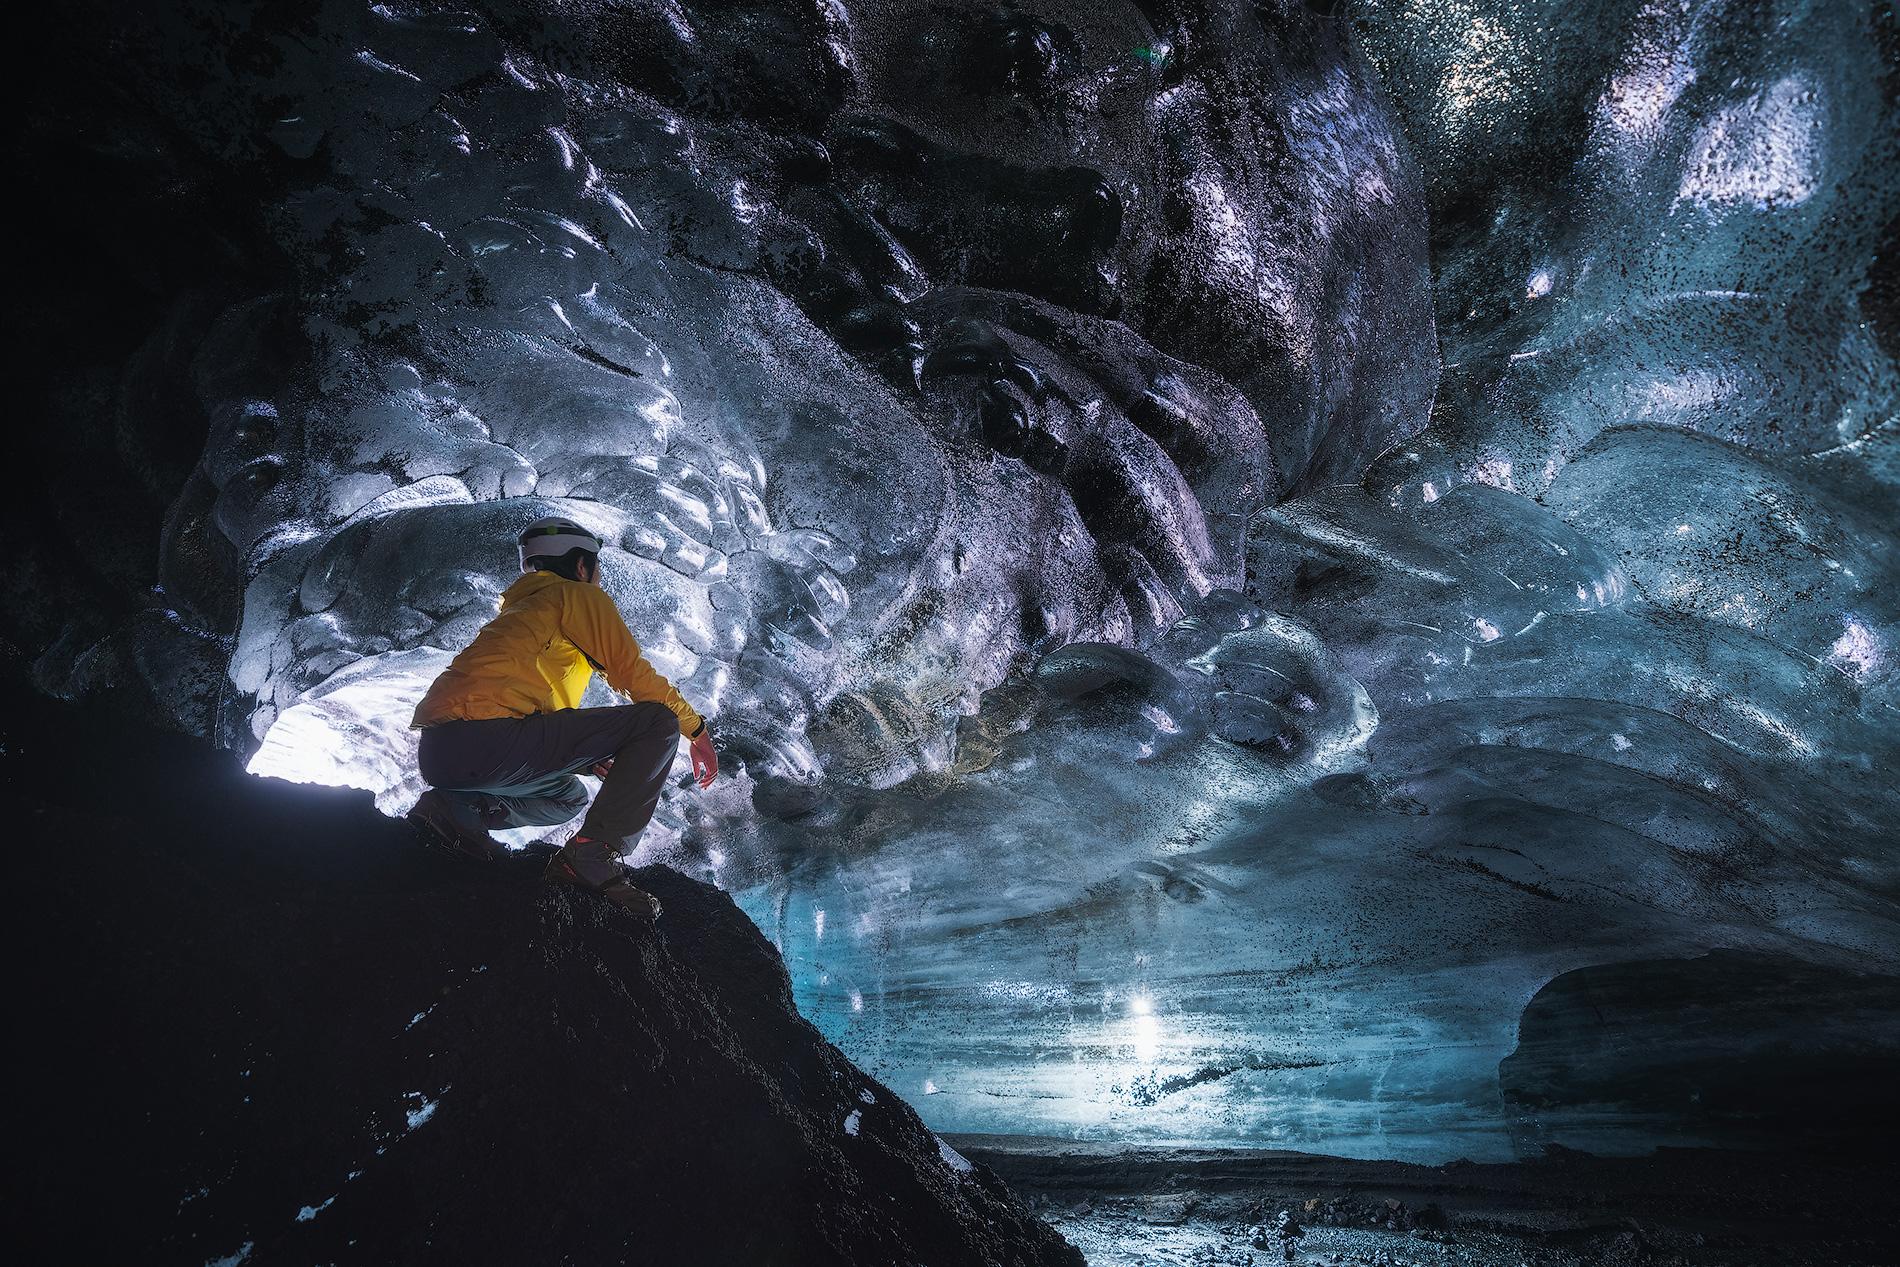 Et besøg i det indre af en isgrotte er en utrolig og enestående oplevelse.